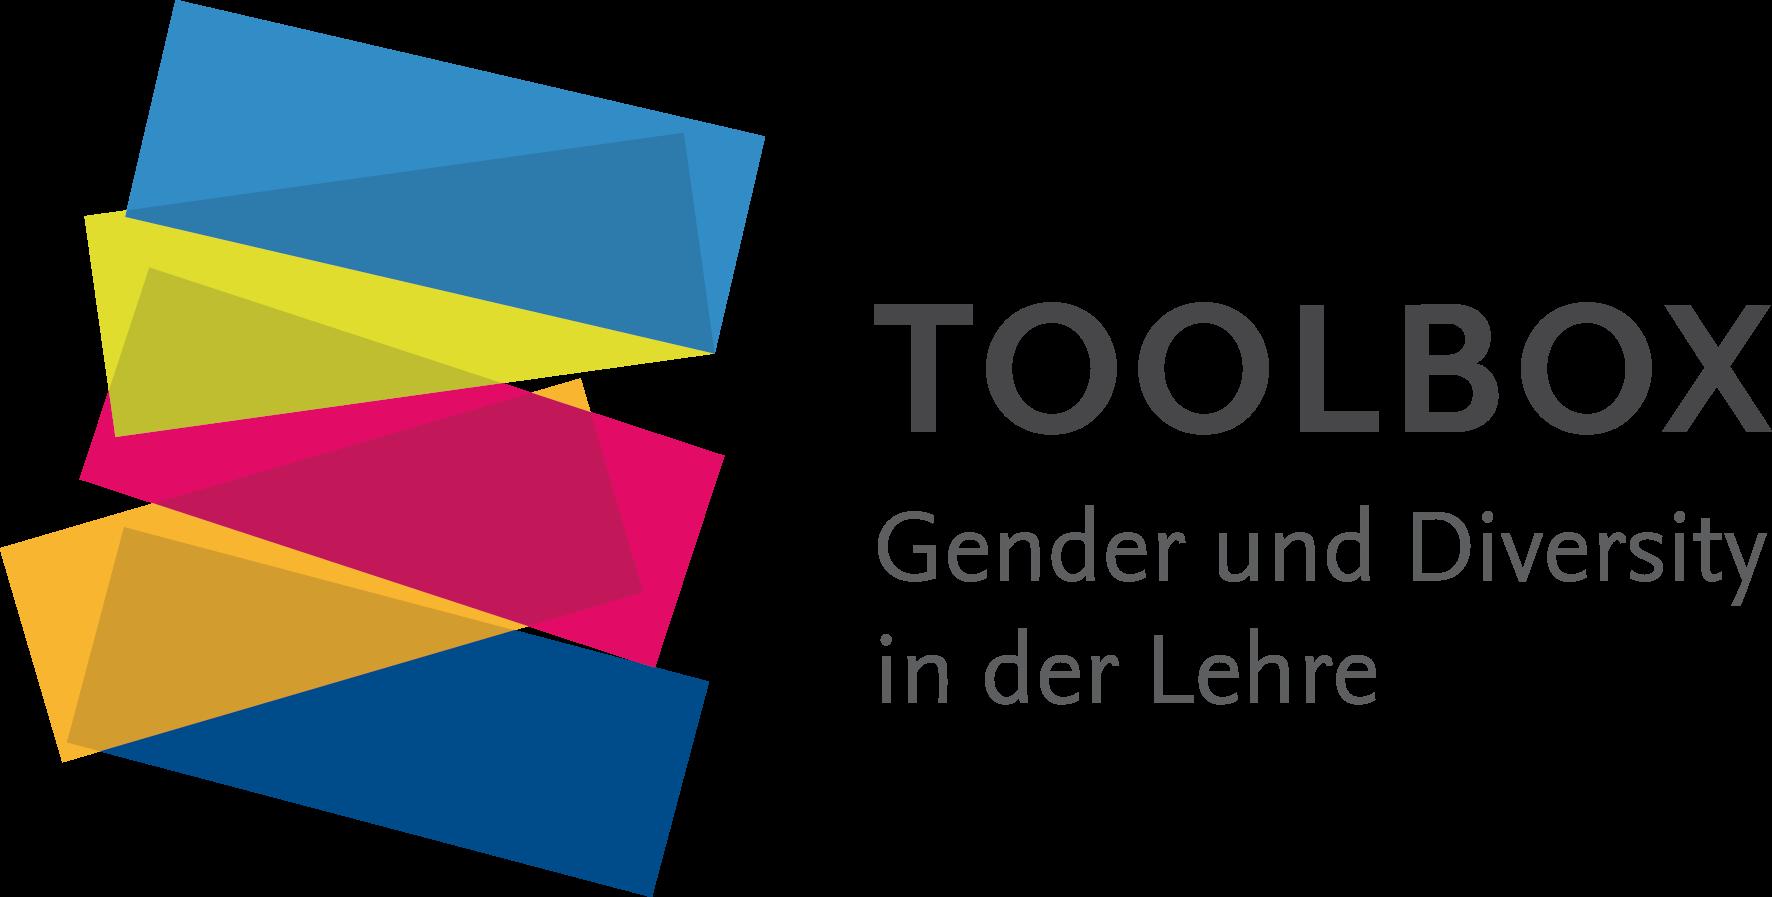 Logo Toolbox Gender und Diversity in die Lehre